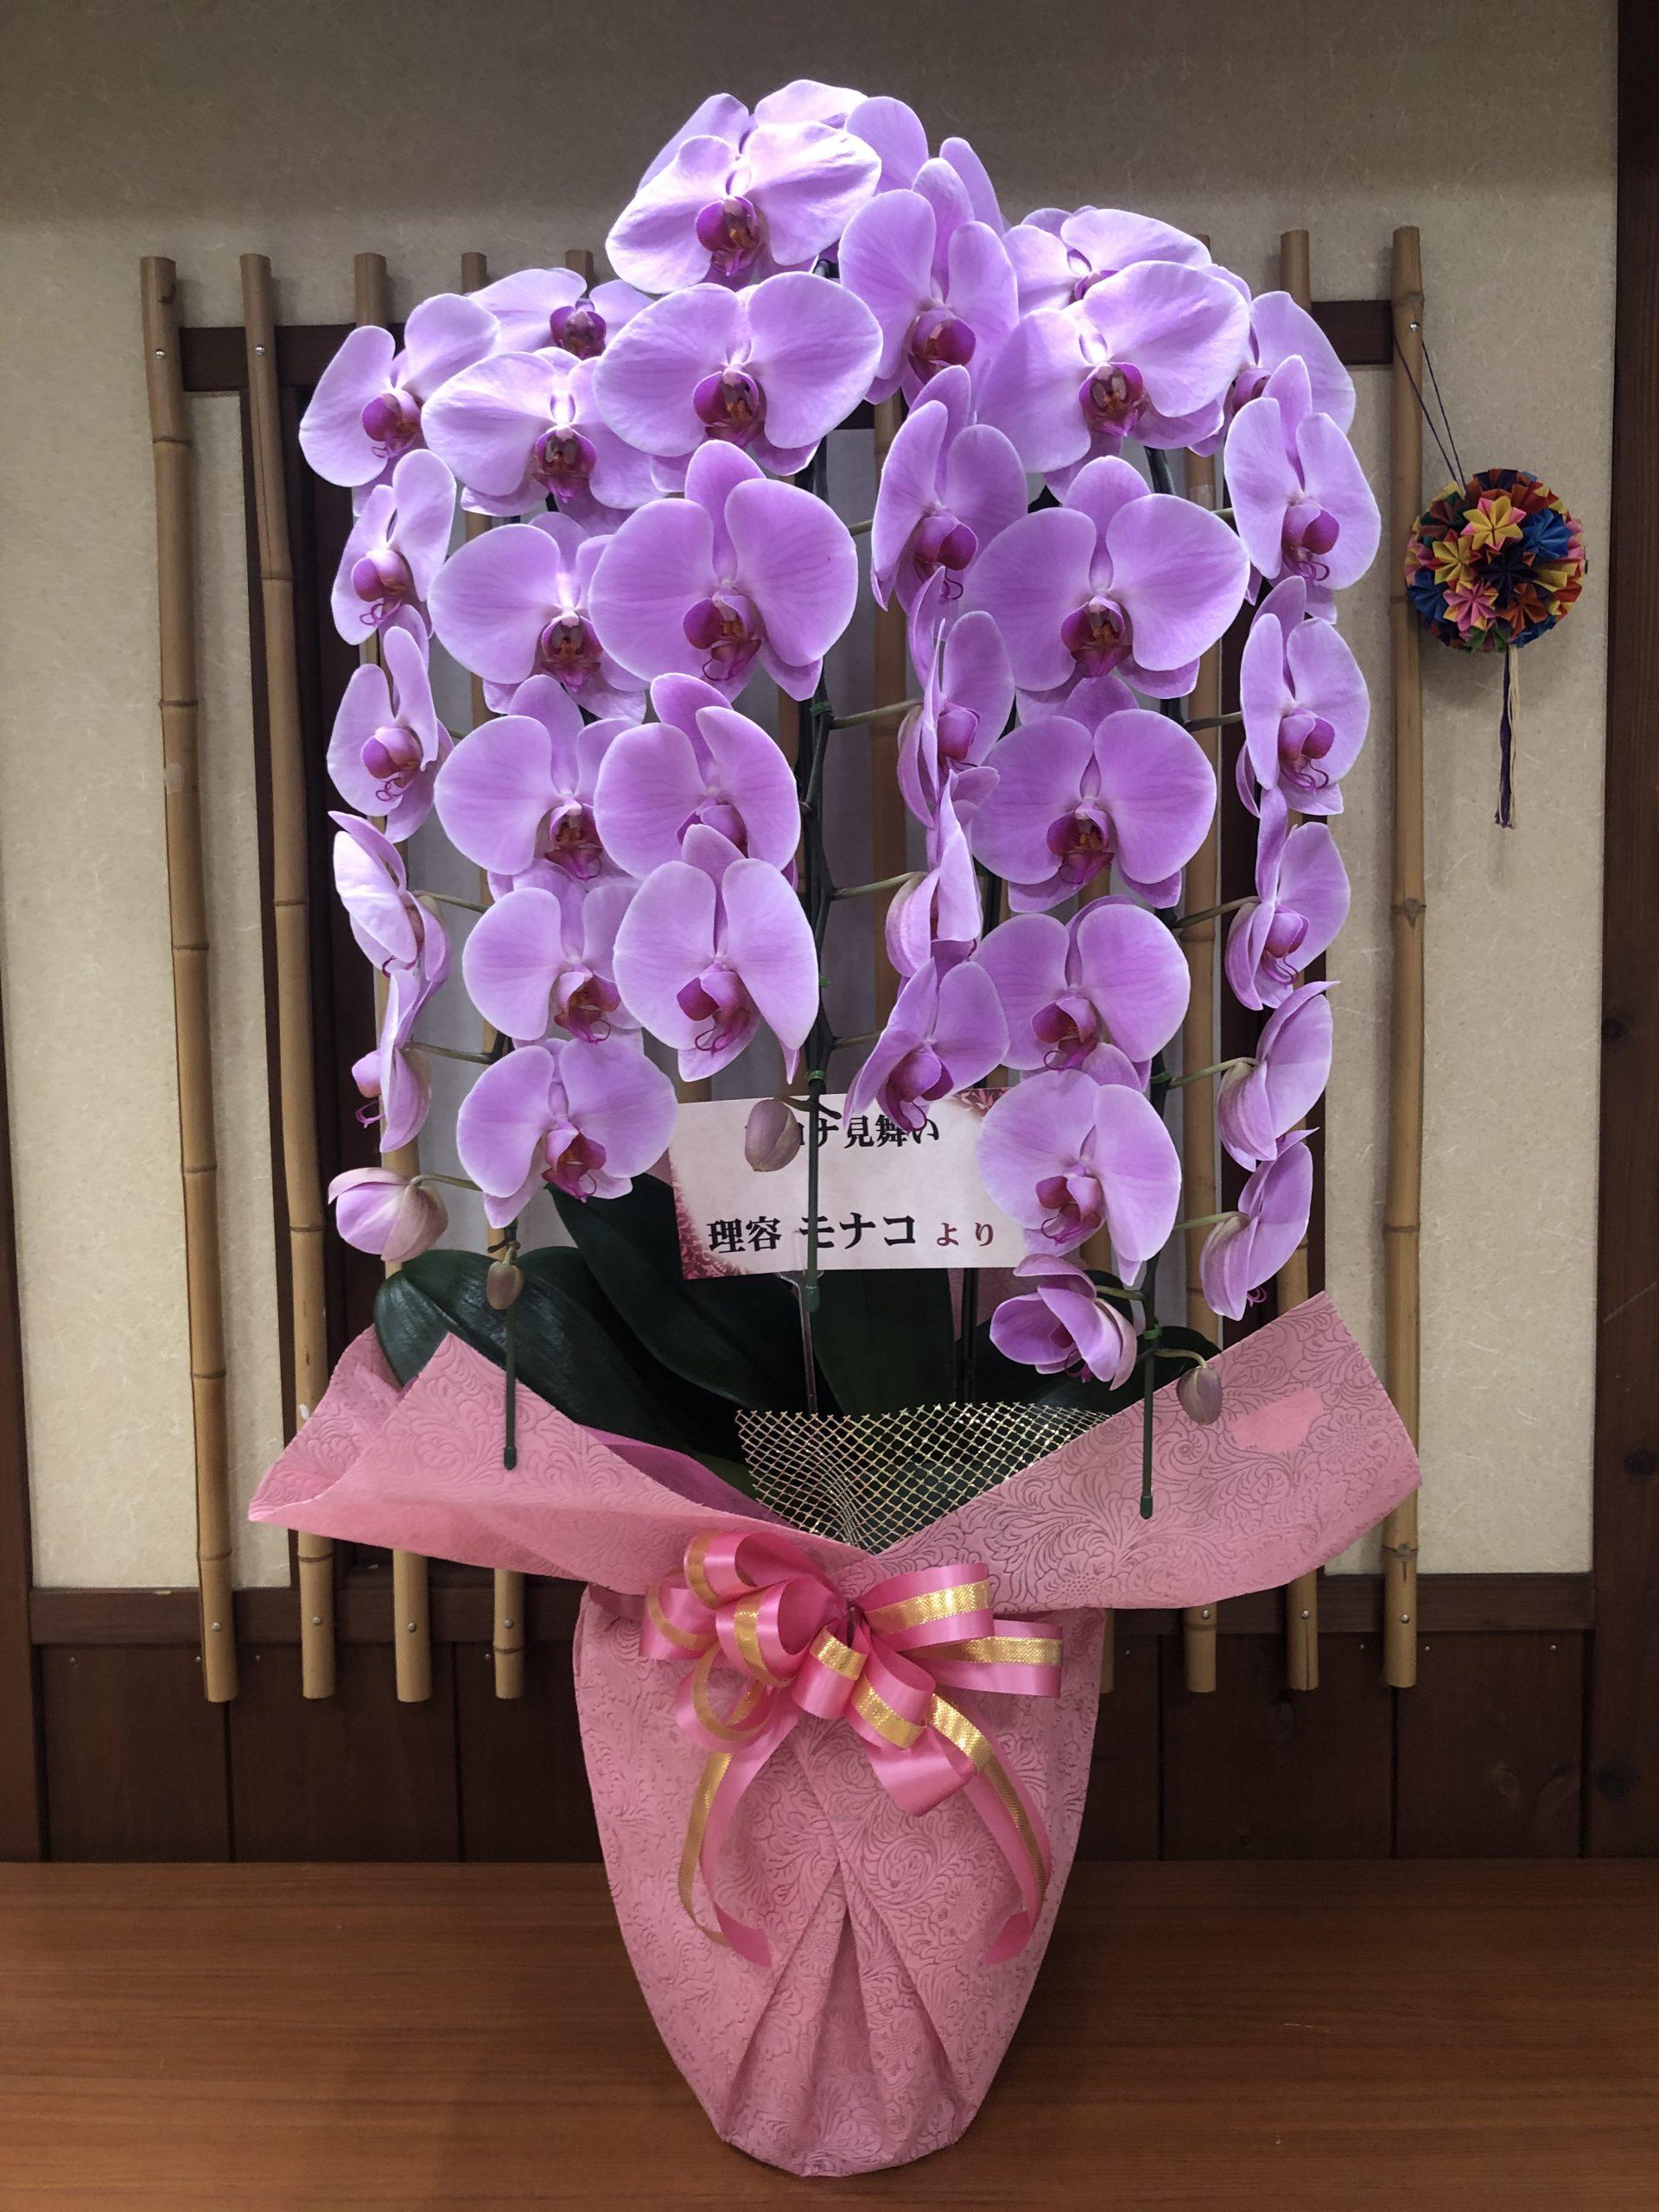 ステキな胡蝶蘭イメージ